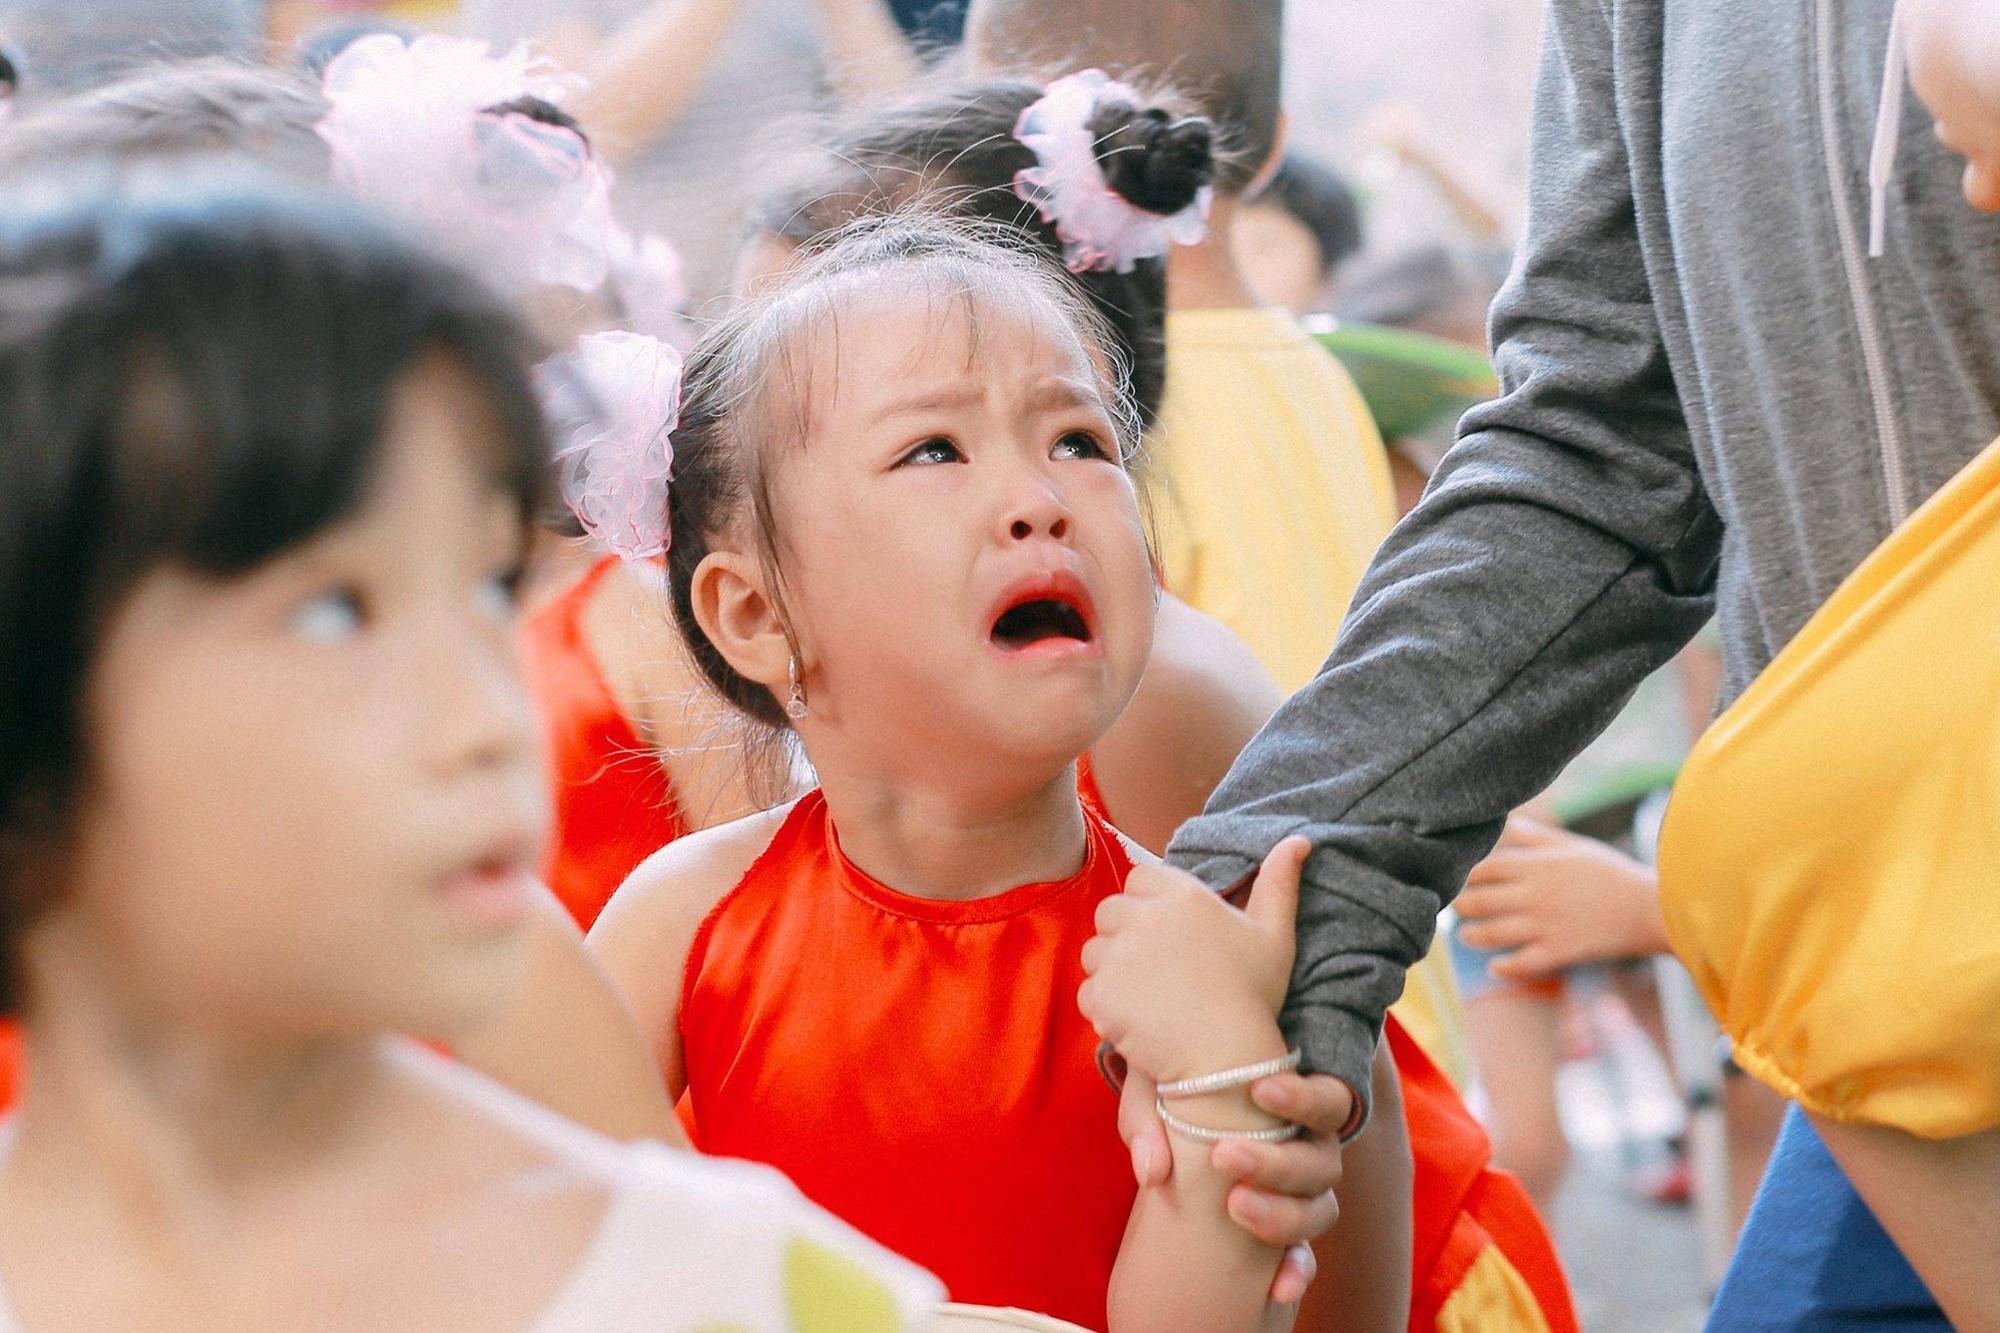 Chùm ảnh: Giọt nước mắt bỡ ngỡ và những biểu cảm khó đỡ của các em nhỏ trong ngày khai giảng 5